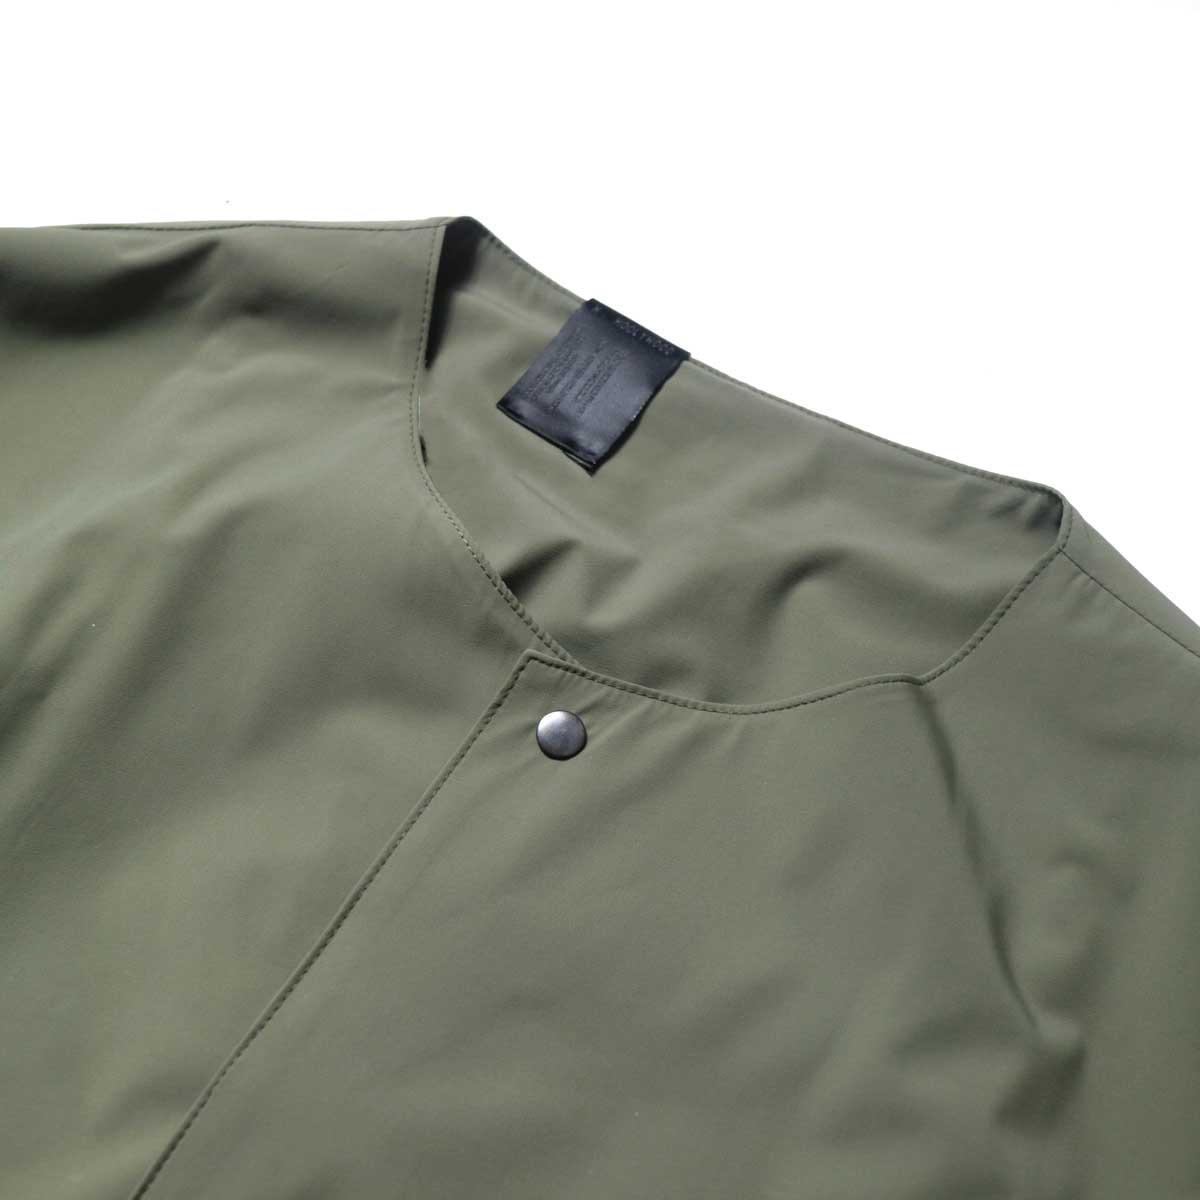 N.HOOLYWOOD / 2211-SH25-006 peg Collarless Shirt (Khaki)ノーカラー